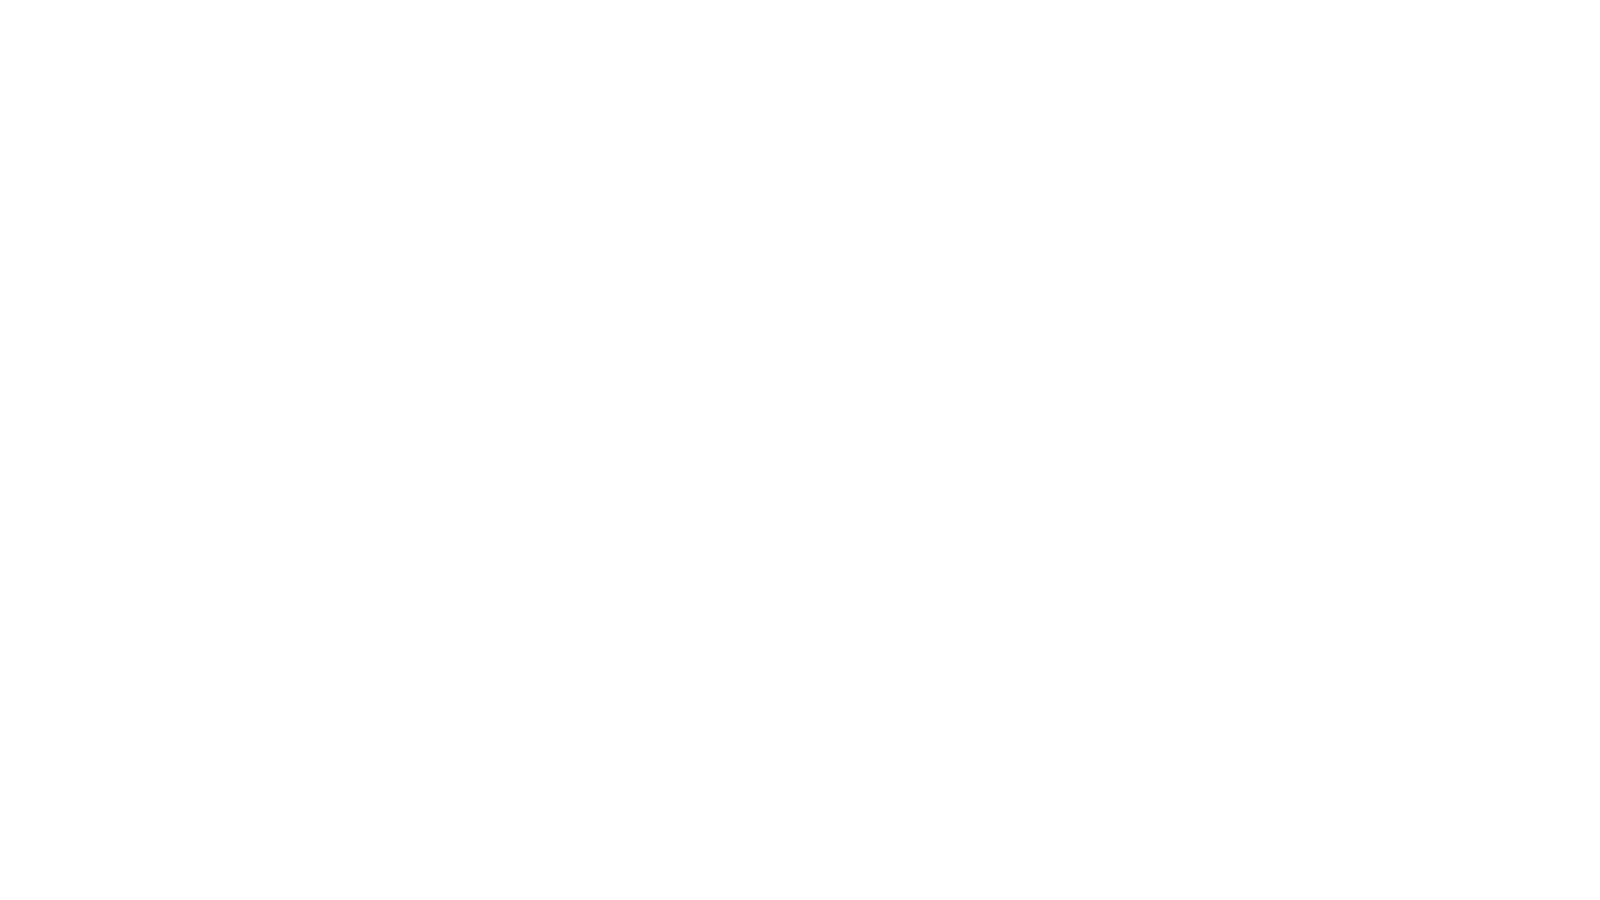 Confederația Națională pentru Antreprenoriat Feminin - CONAF a marcat revenirea la normalitate, după o perioadă pandemică dificilă, cu Gala Women in Economy 2021 și cu primul concert după pandemie, pe scena Teatrului Național București – The Motans.  ➖ Organizatori: Confederația Națională pentru Antreprenoriat Feminin, Asociatia Nationala  Antreprenorilor, Patronatul Femeilor Antreprenor; ➖ Parteneri strategici: Federația Patronatelor Femeilor Antreprenor, Federația Femeilor de Afaceri din Regiunea Nord-Est, Google pentru IMM-uri; ➖ Parteneri: Asociația pentru Dezvoltarea Antreprenoriatului Autohton, Patronatul Antreprenorilor din Industria Înfrumusetarii din România, Școala de Business, Scripor Alphabet, FNCGIMM, Transelectrica; 📌 Sponsori principali ai evenimentului: International Alexander, Vio Trans Group, Nordis Group, Biotiful - Atelier de frumusețe, One United Properties, Lemon Interior Design, Transgaz, IBB, D.O. Security, FPSC, Urban Invest, Foodpanda, Romgaz; ✔️ Sponsori: MHS Truck and Bus (MAN), ASLine Spedition, Toneli, Agrisol, EximBank, Salesianer Gruppe, Zimbria, Lust Expert, Obsentum, Urban Plaza, Cafe Baque Romania, STAR Consulting & Training, Patronat Bacău, CONAF Mureș, CONAF Brăila, Guilty Pleasure, Bio Greenbuild, GUM, Ingenious Hub, AWEN, Moesis by Angelo, TEC, Foto Dumbrava, Nature's Colour; 🔈 Parteneri media: Ziarul Bursa, Ziarul News, Canal 33 România, Business Woman, Revista Cariere, The Diplomat Bucharest.